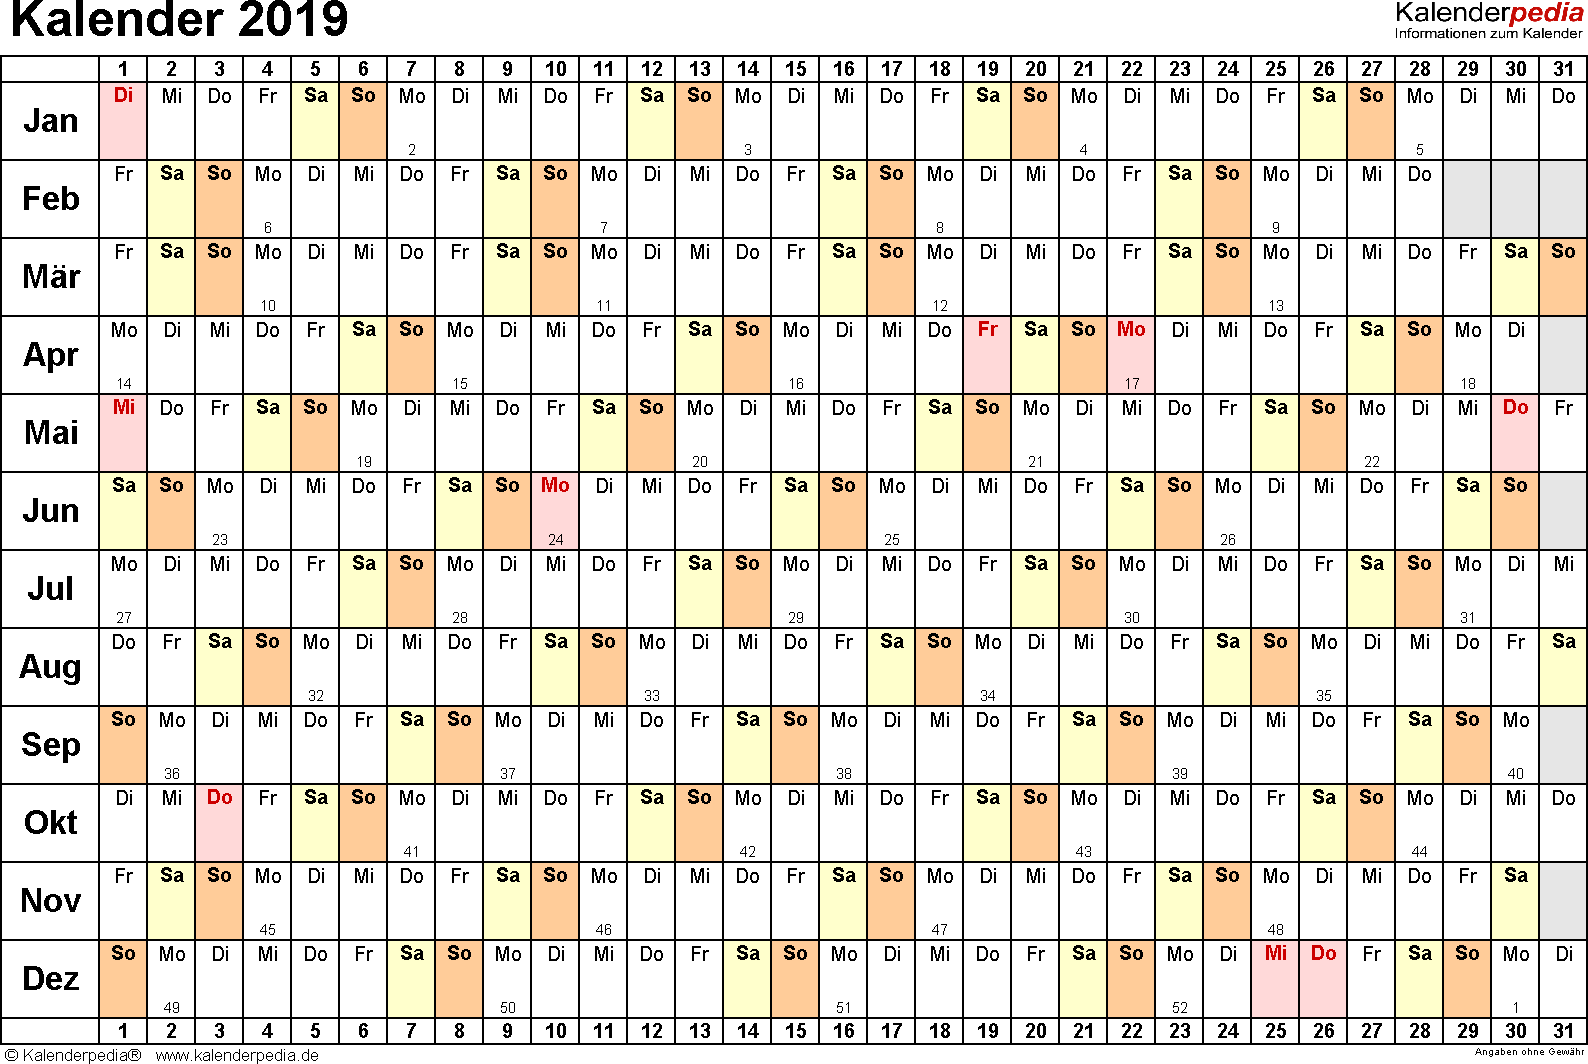 Vorlage 3: Kalender 2019 als PDF-Datei, Querformat, 1 Seite, Tage nebeneinander (linear)